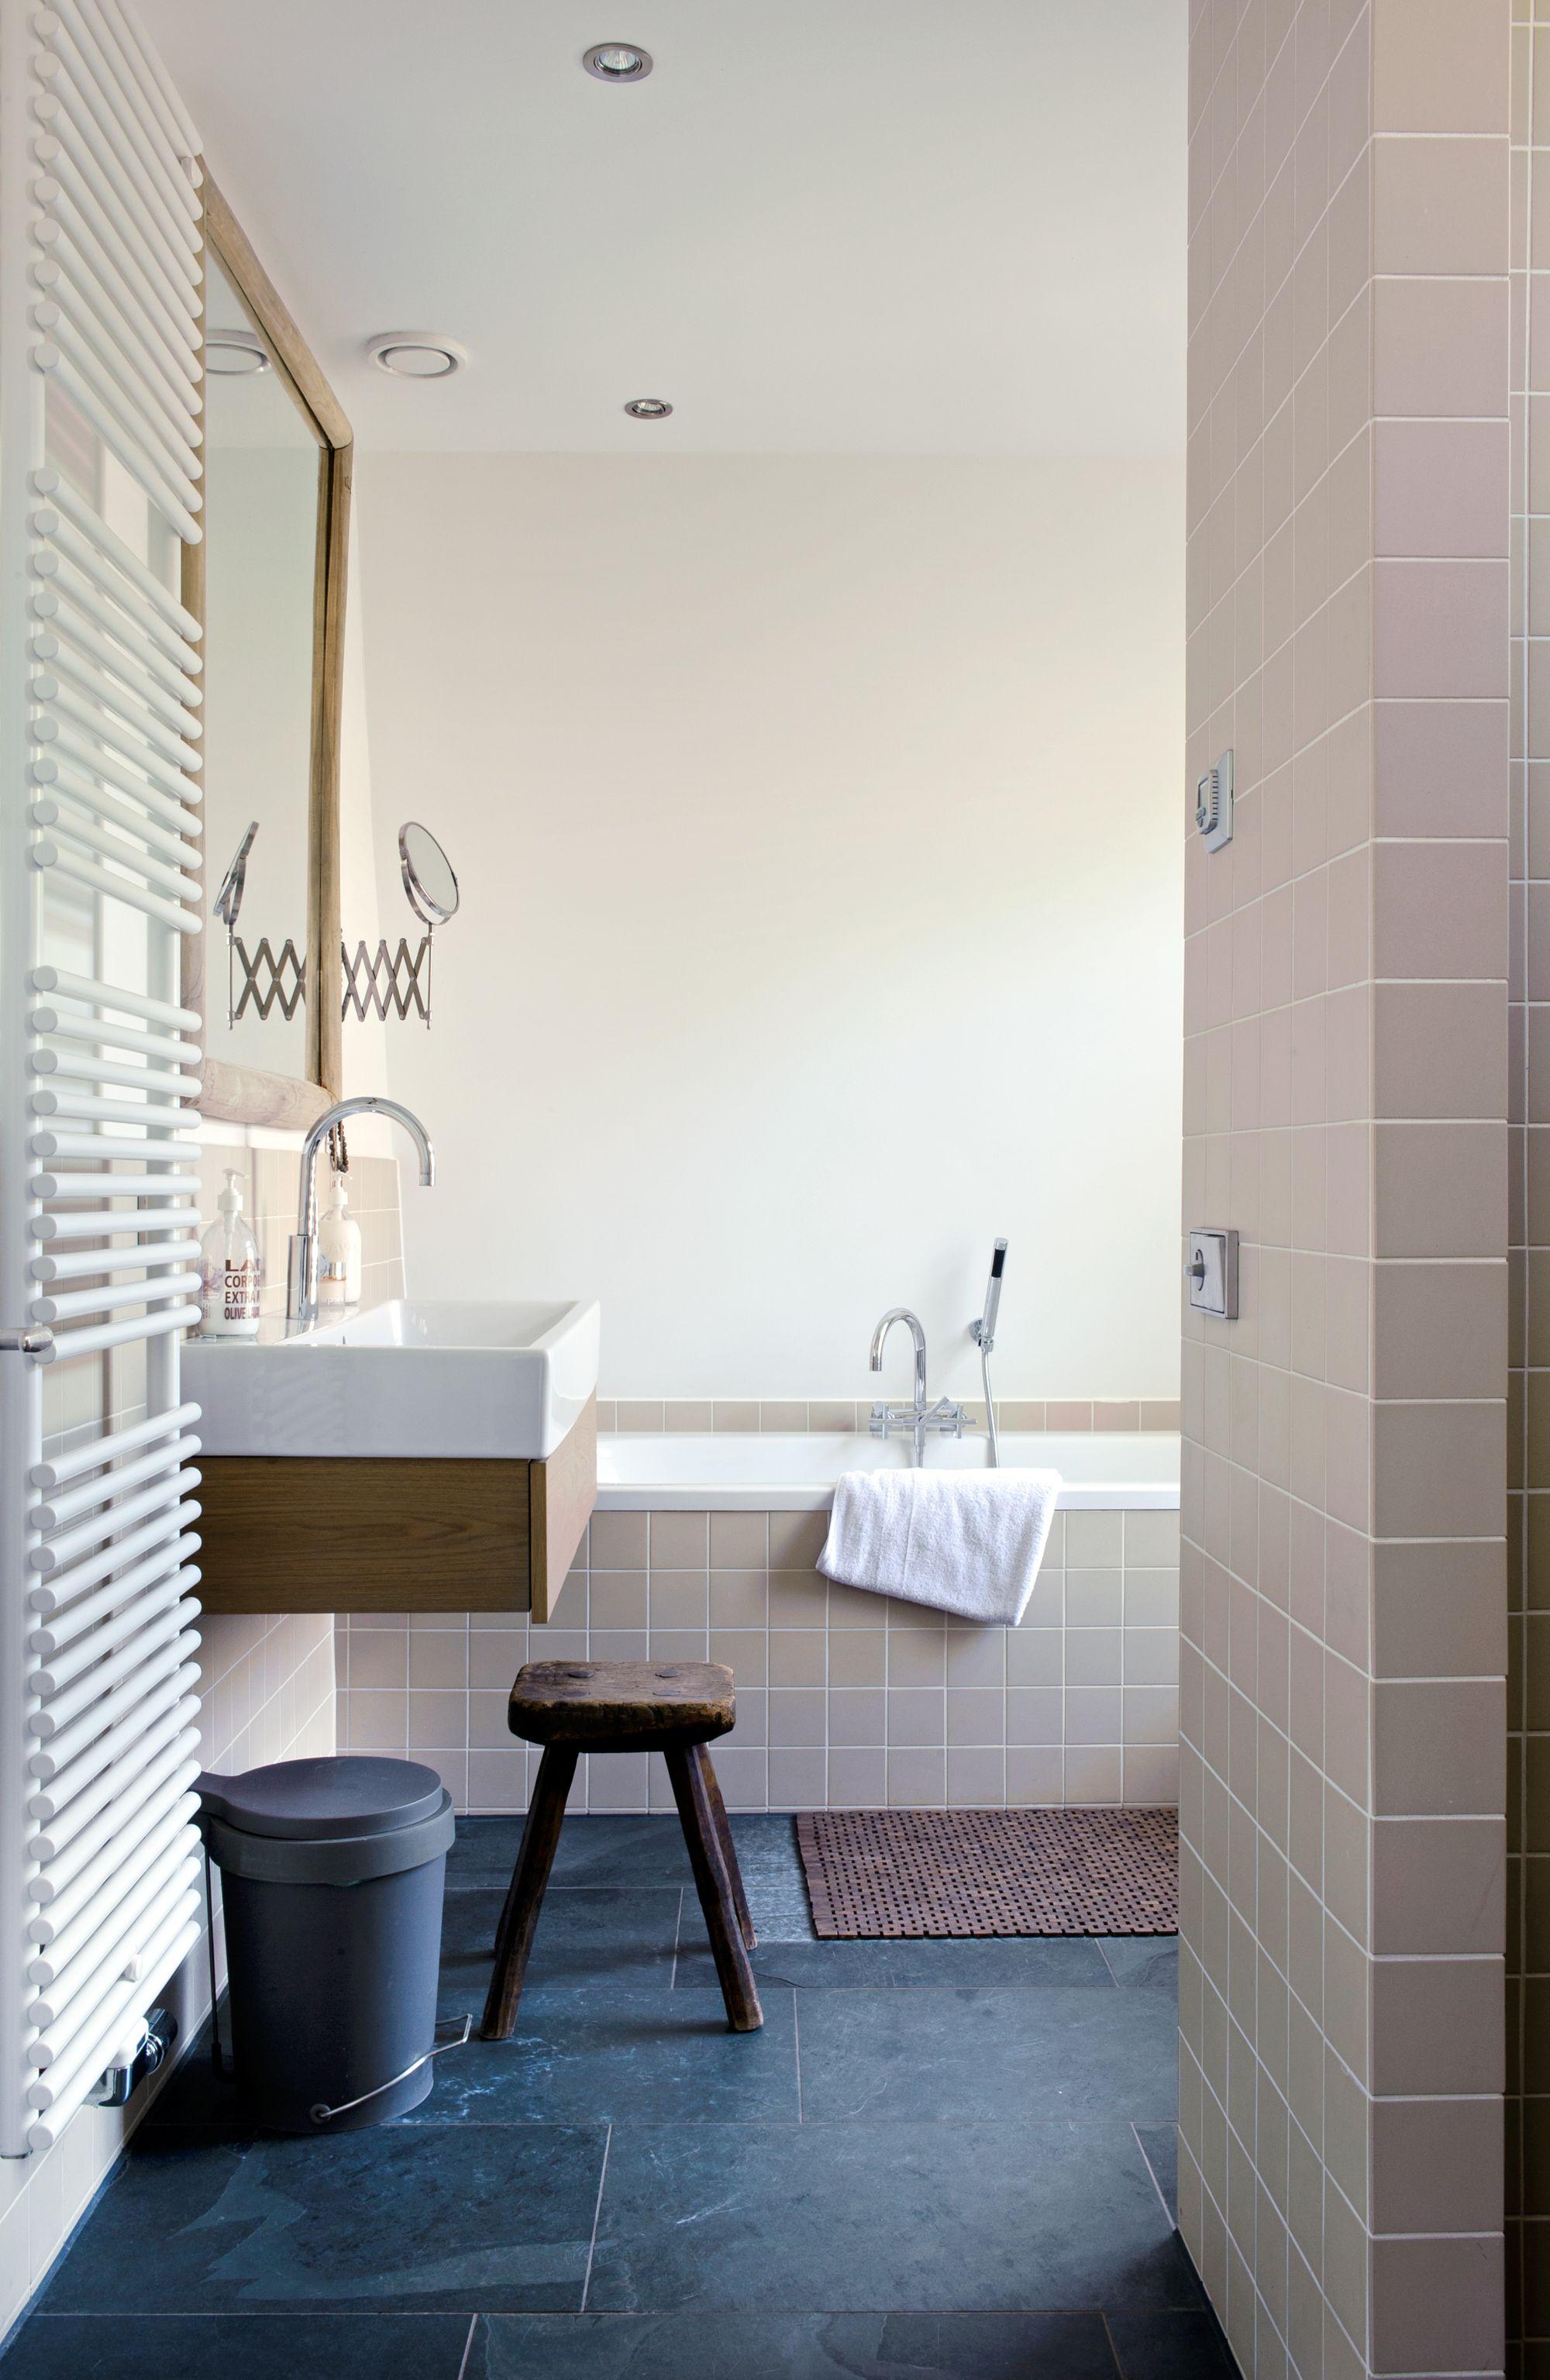 Afbeeldingsresultaat voor vt wonen badkamer | Badkamer | Pinterest ...